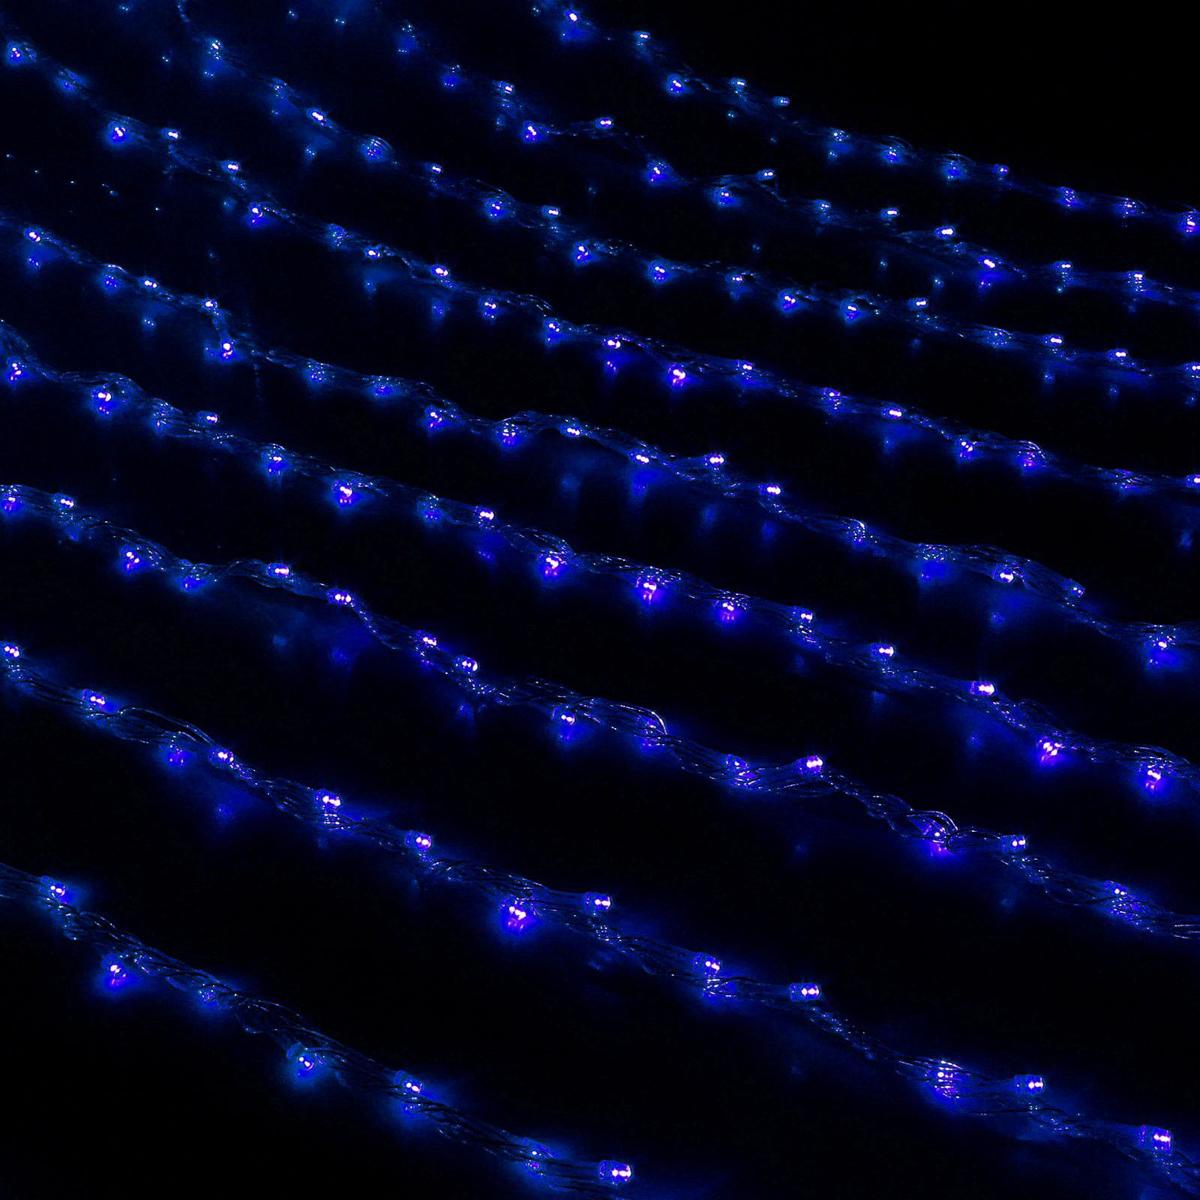 Гирлянда светодиодная Luazon Дождь, уличная, 8 режимов, 400 ламп, 220 V, цвет: синий, 2 х 1,5 м. 706335706335Светодиодные гирлянды, ленты и т.д — это отличный вариант для новогоднего оформления интерьера или фасада. С их помощью помещение любого размера можно превратить в праздничный зал, а внешние элементы зданий, украшенные ими, мгновенно станут напоминать очертания сказочного дворца. Такие украшения создают ауру предвкушения чуда. Деревья, фасады, витрины, окна и арки будто специально созданы, чтобы вы украсили их светящимися нитями.